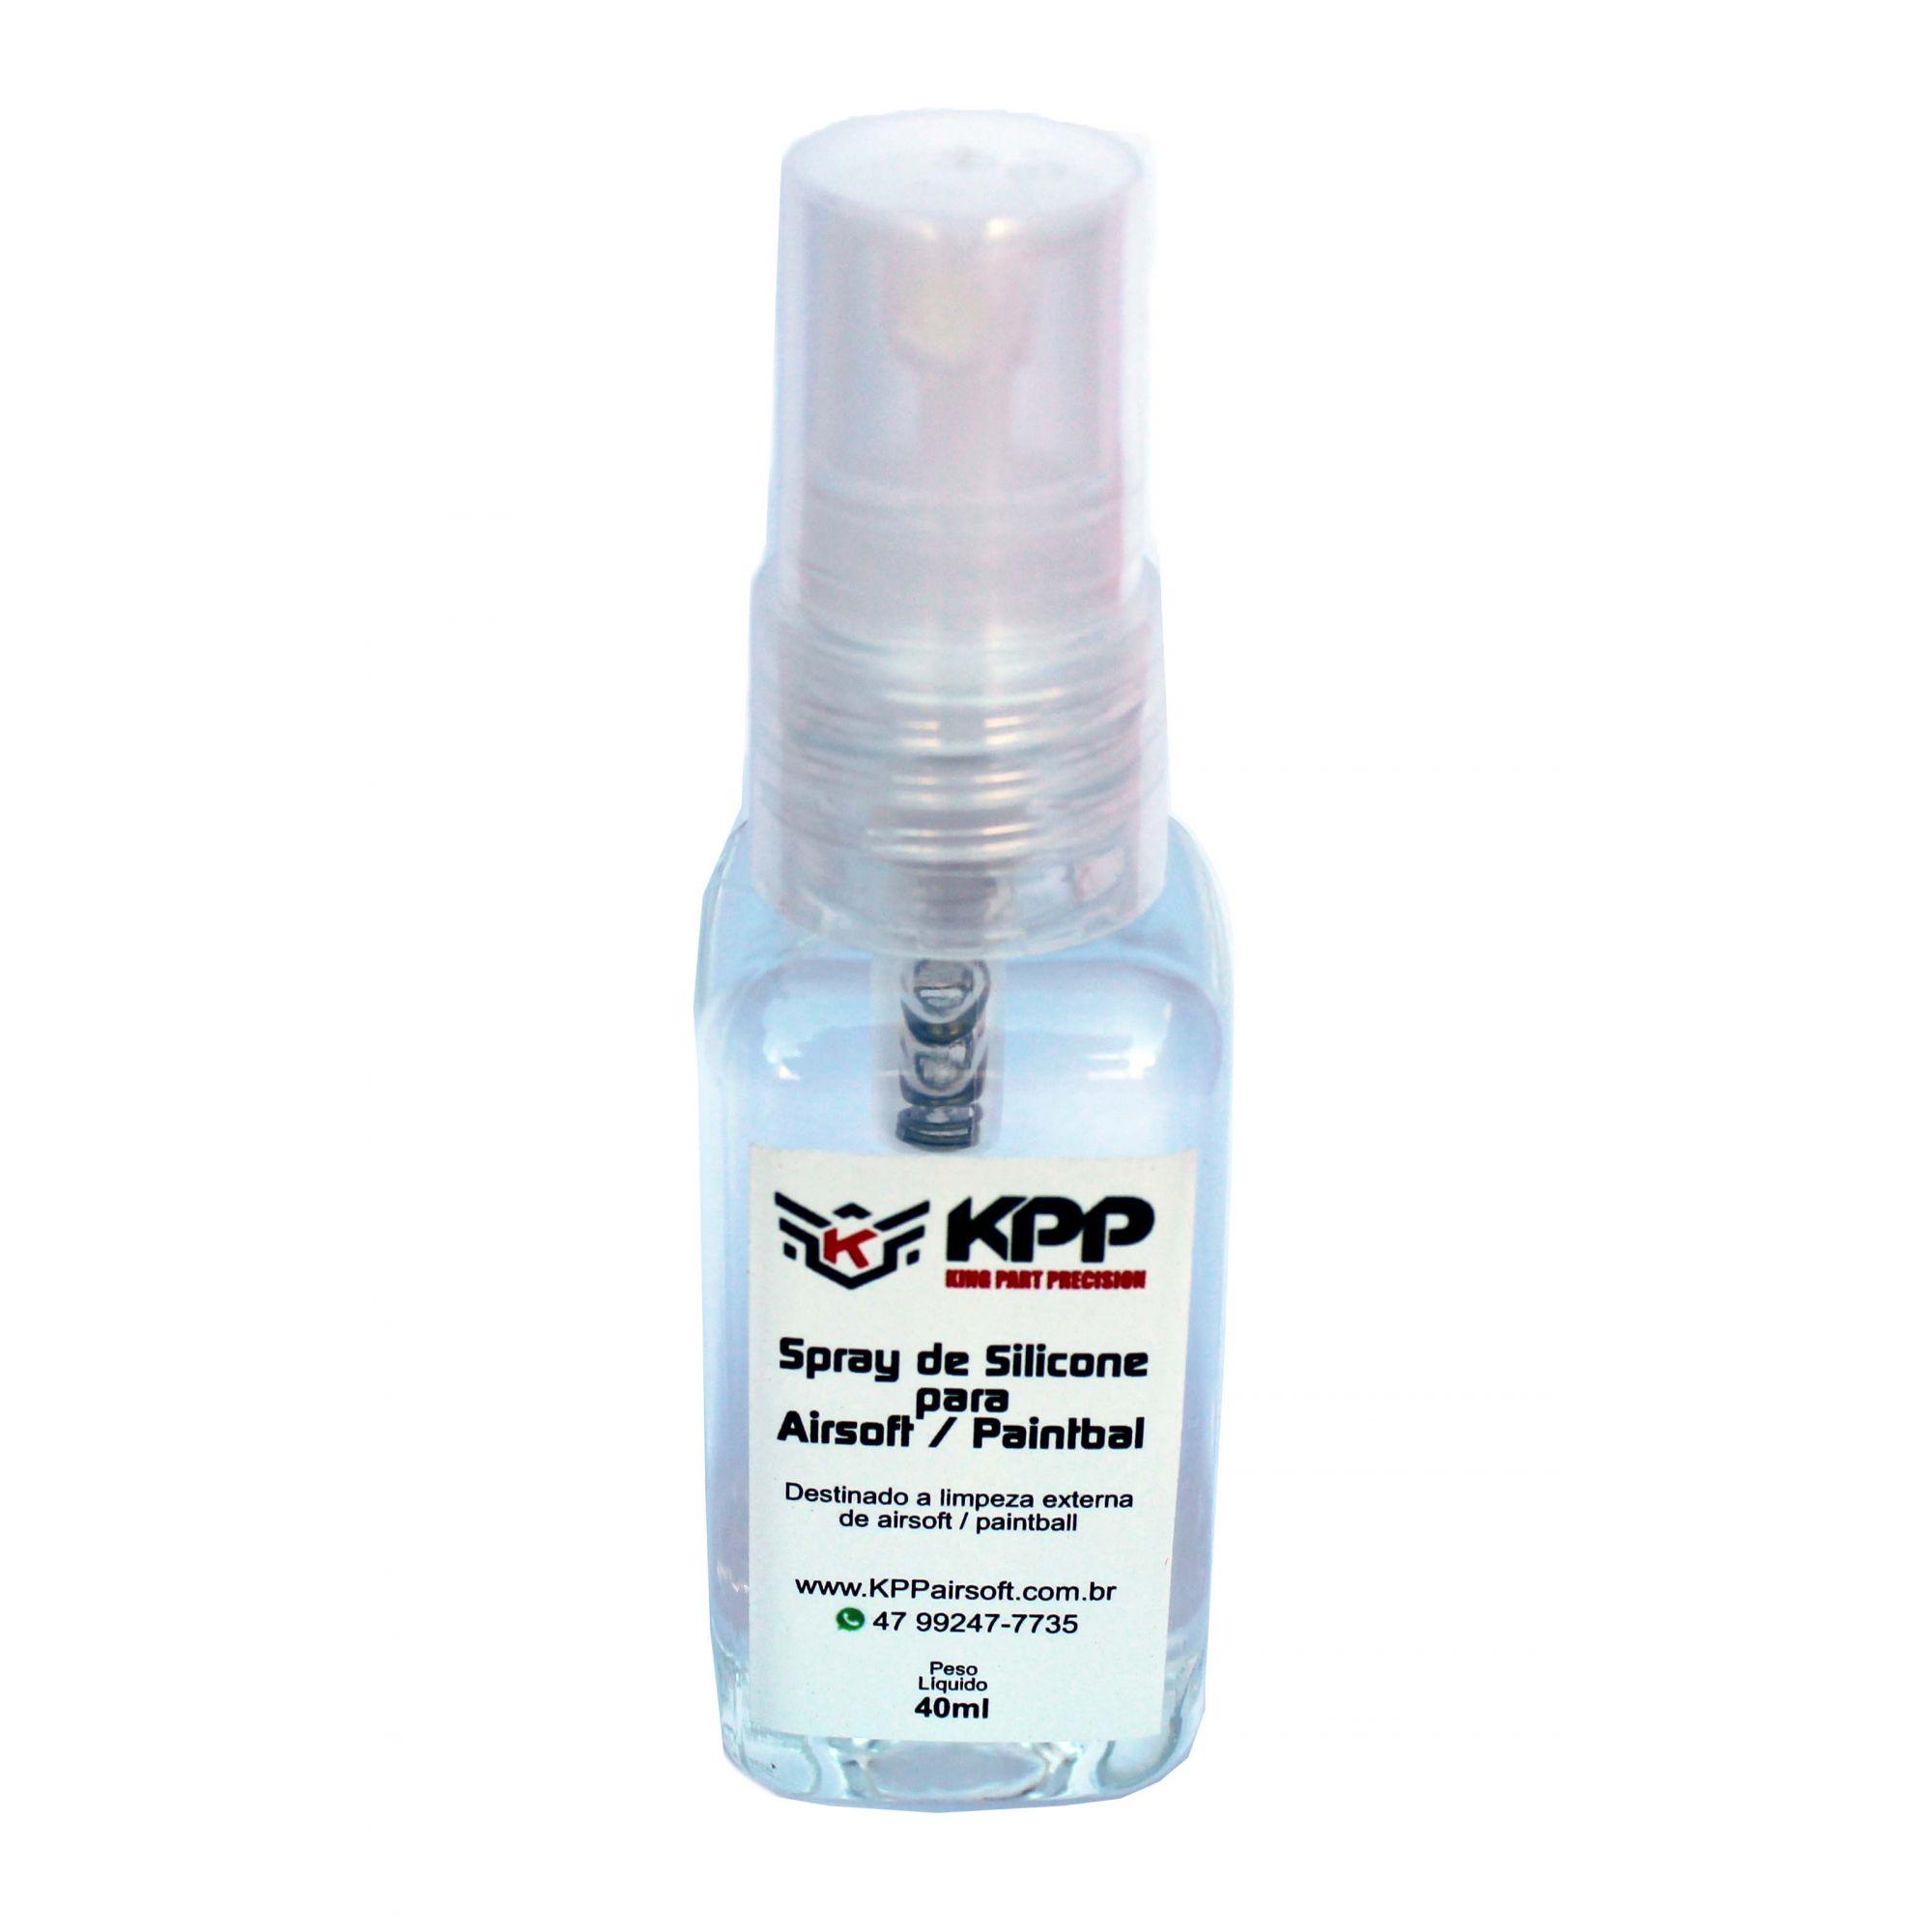 Spray de Silicone Para Airsoft/ Paintball